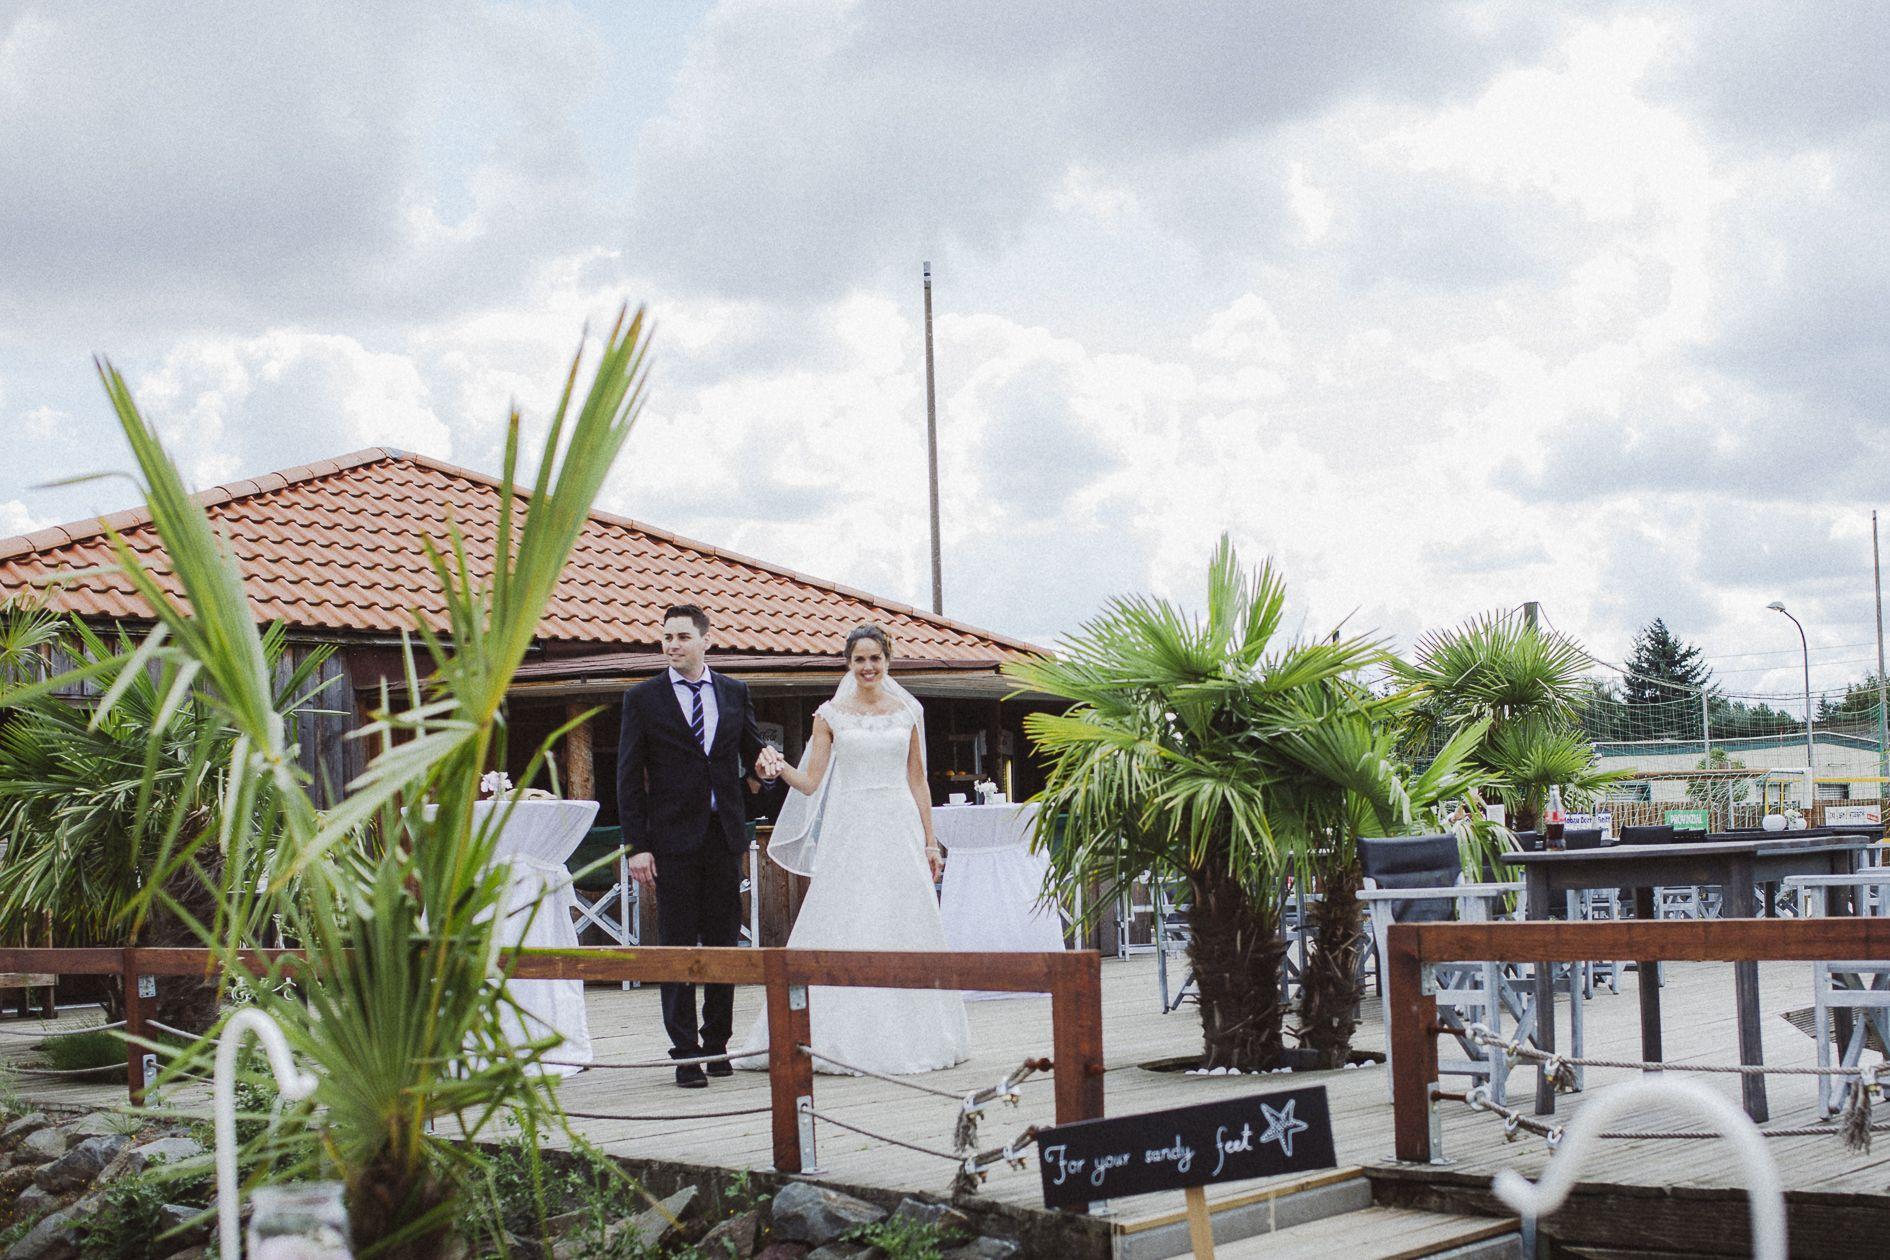 Hochzeit Aachen Düren Palmen Beachers Island Sommerhochzeit Vintage Braut Trauung Sommer Brautpaat